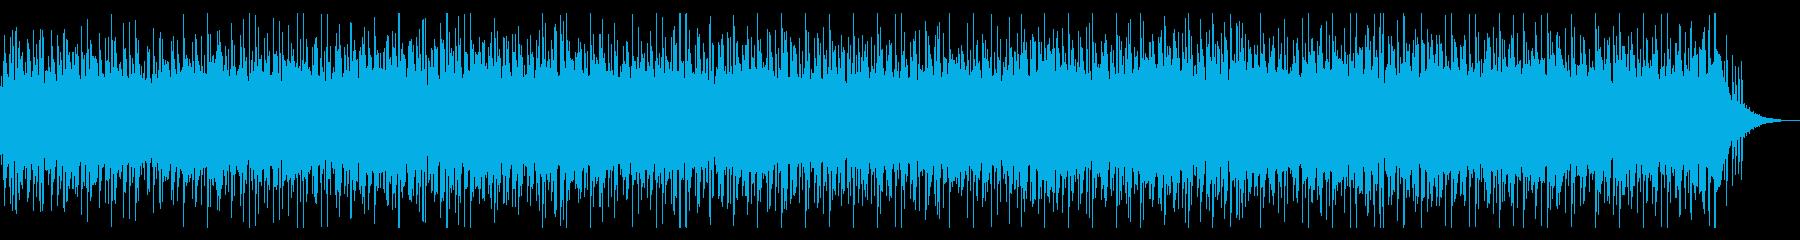 プレゼン王道的シンプル爽やかの再生済みの波形